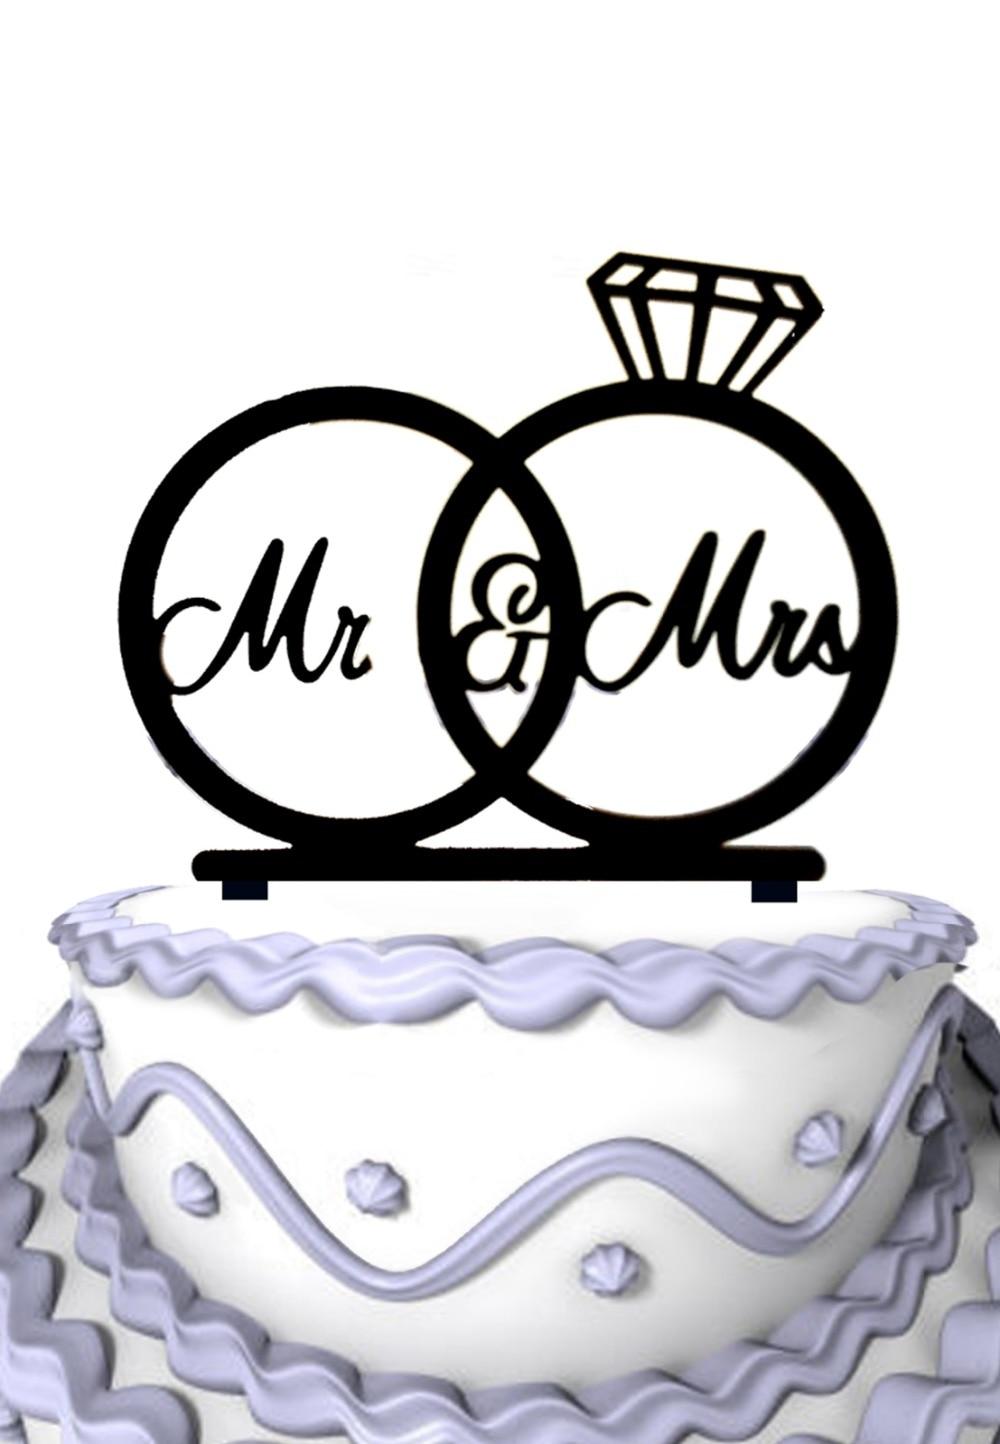 joker wedding ring wedding ring cake topper Wedding Cake Topper Download